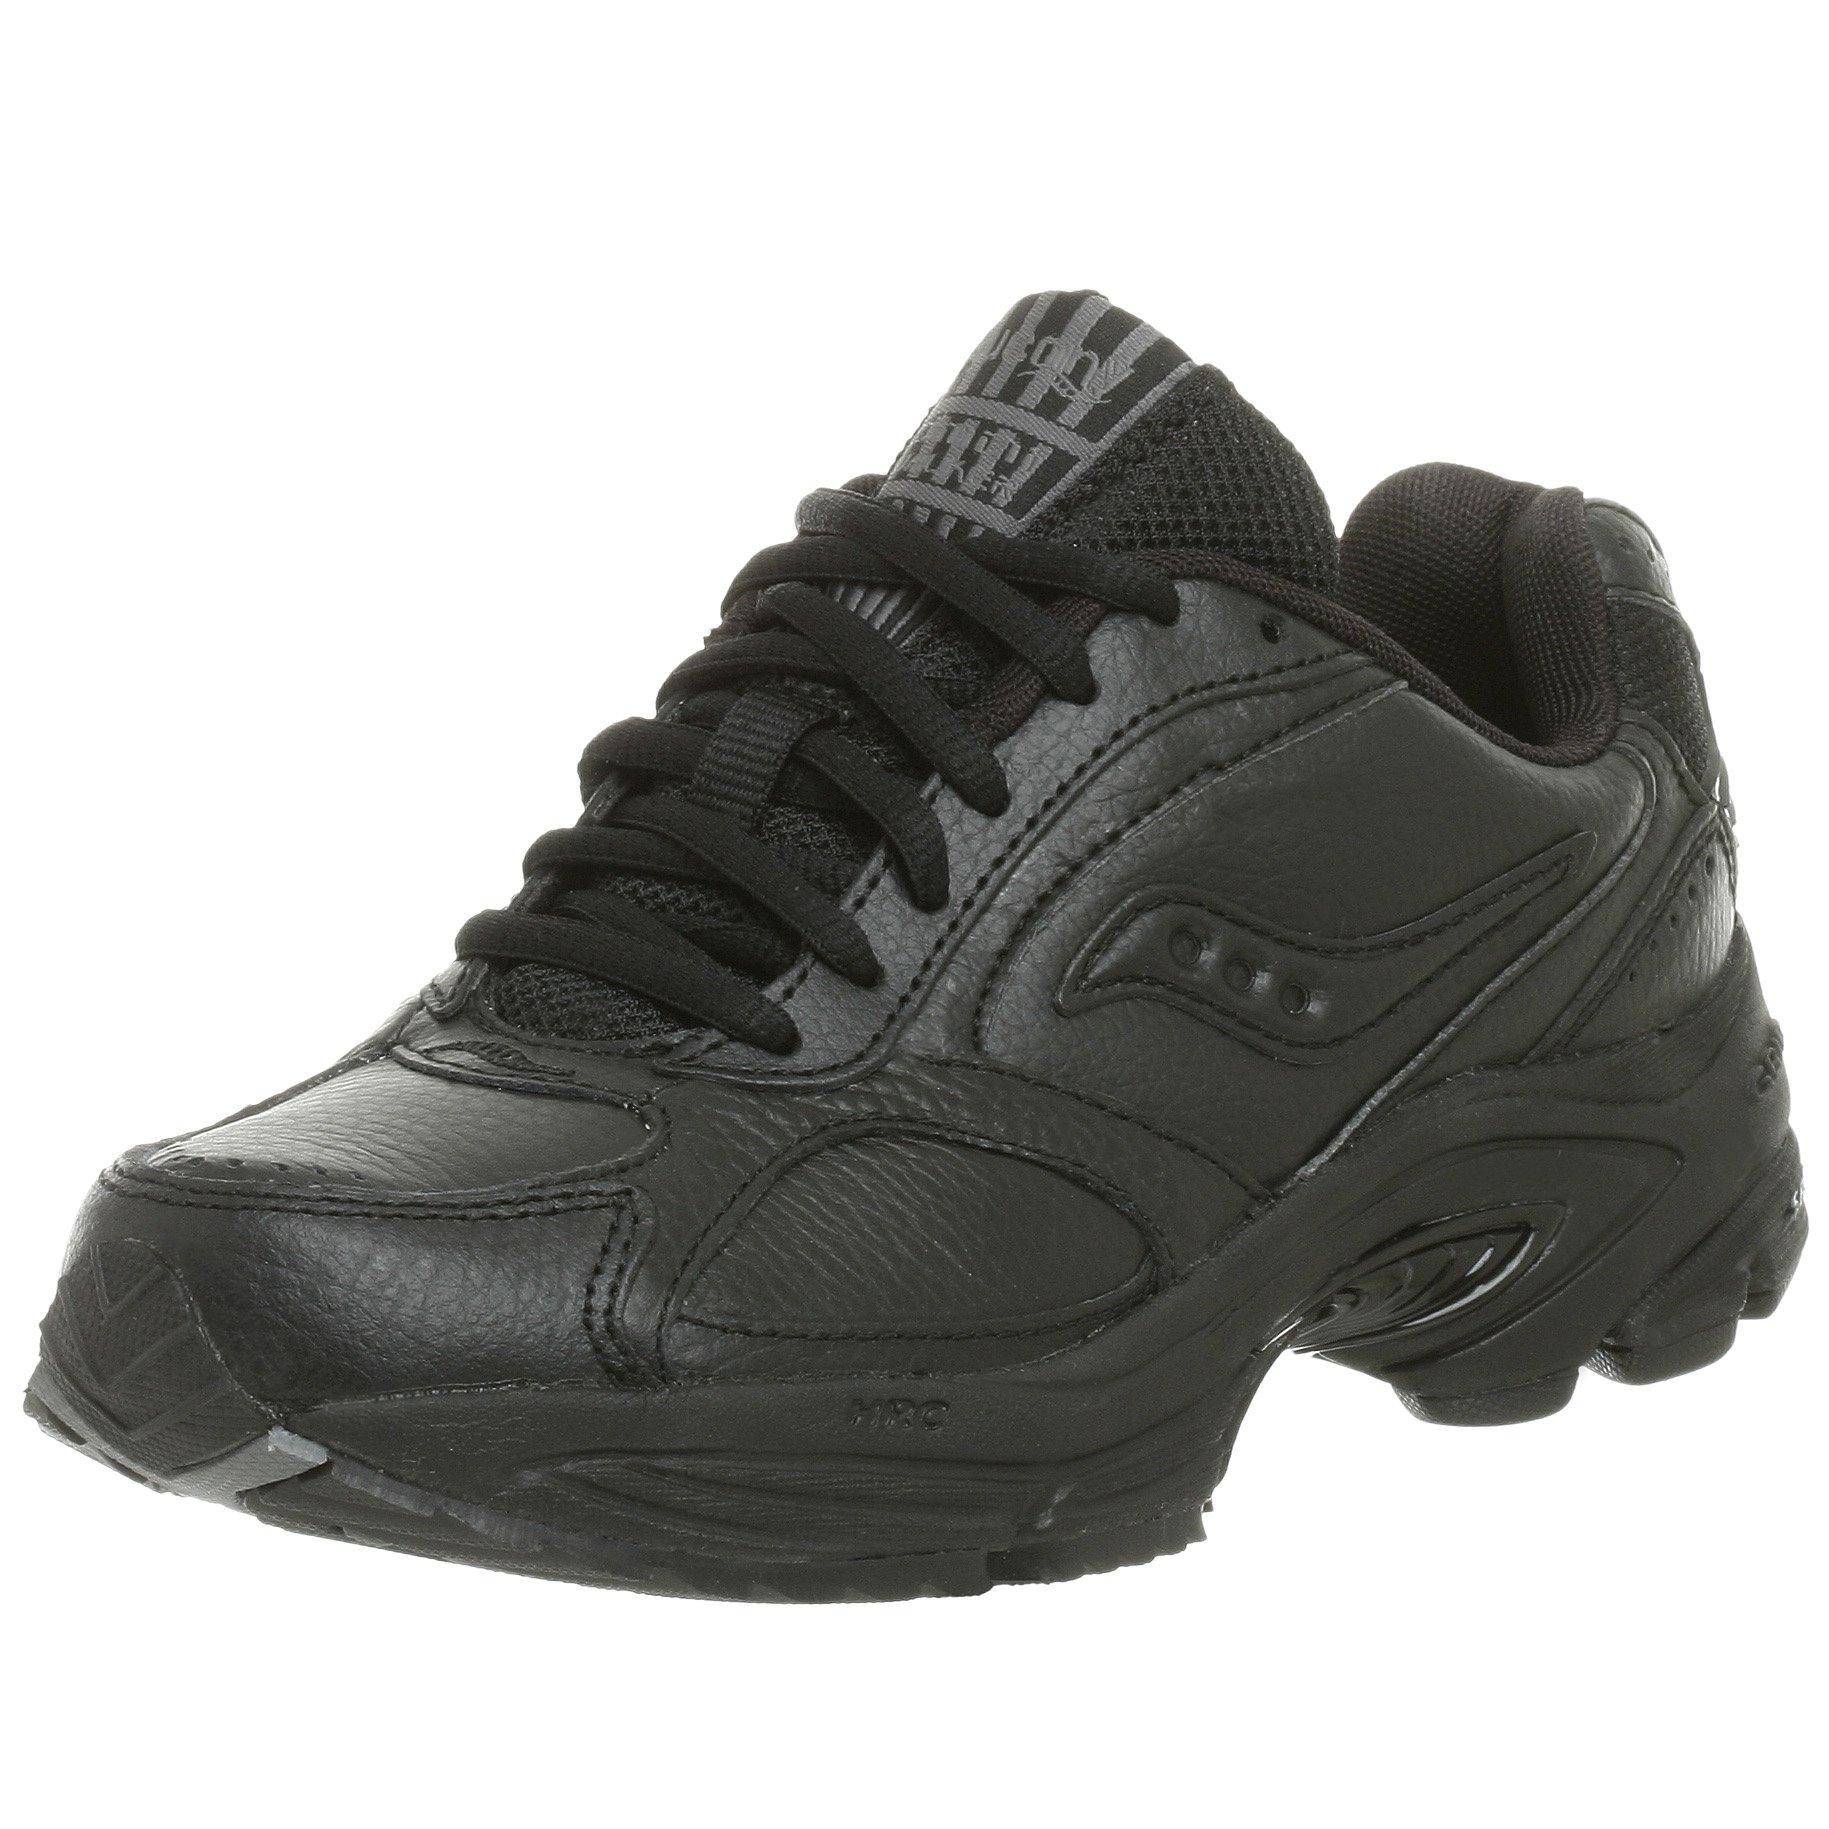 Saucony Women's Grid Omni Walker Running Shoe